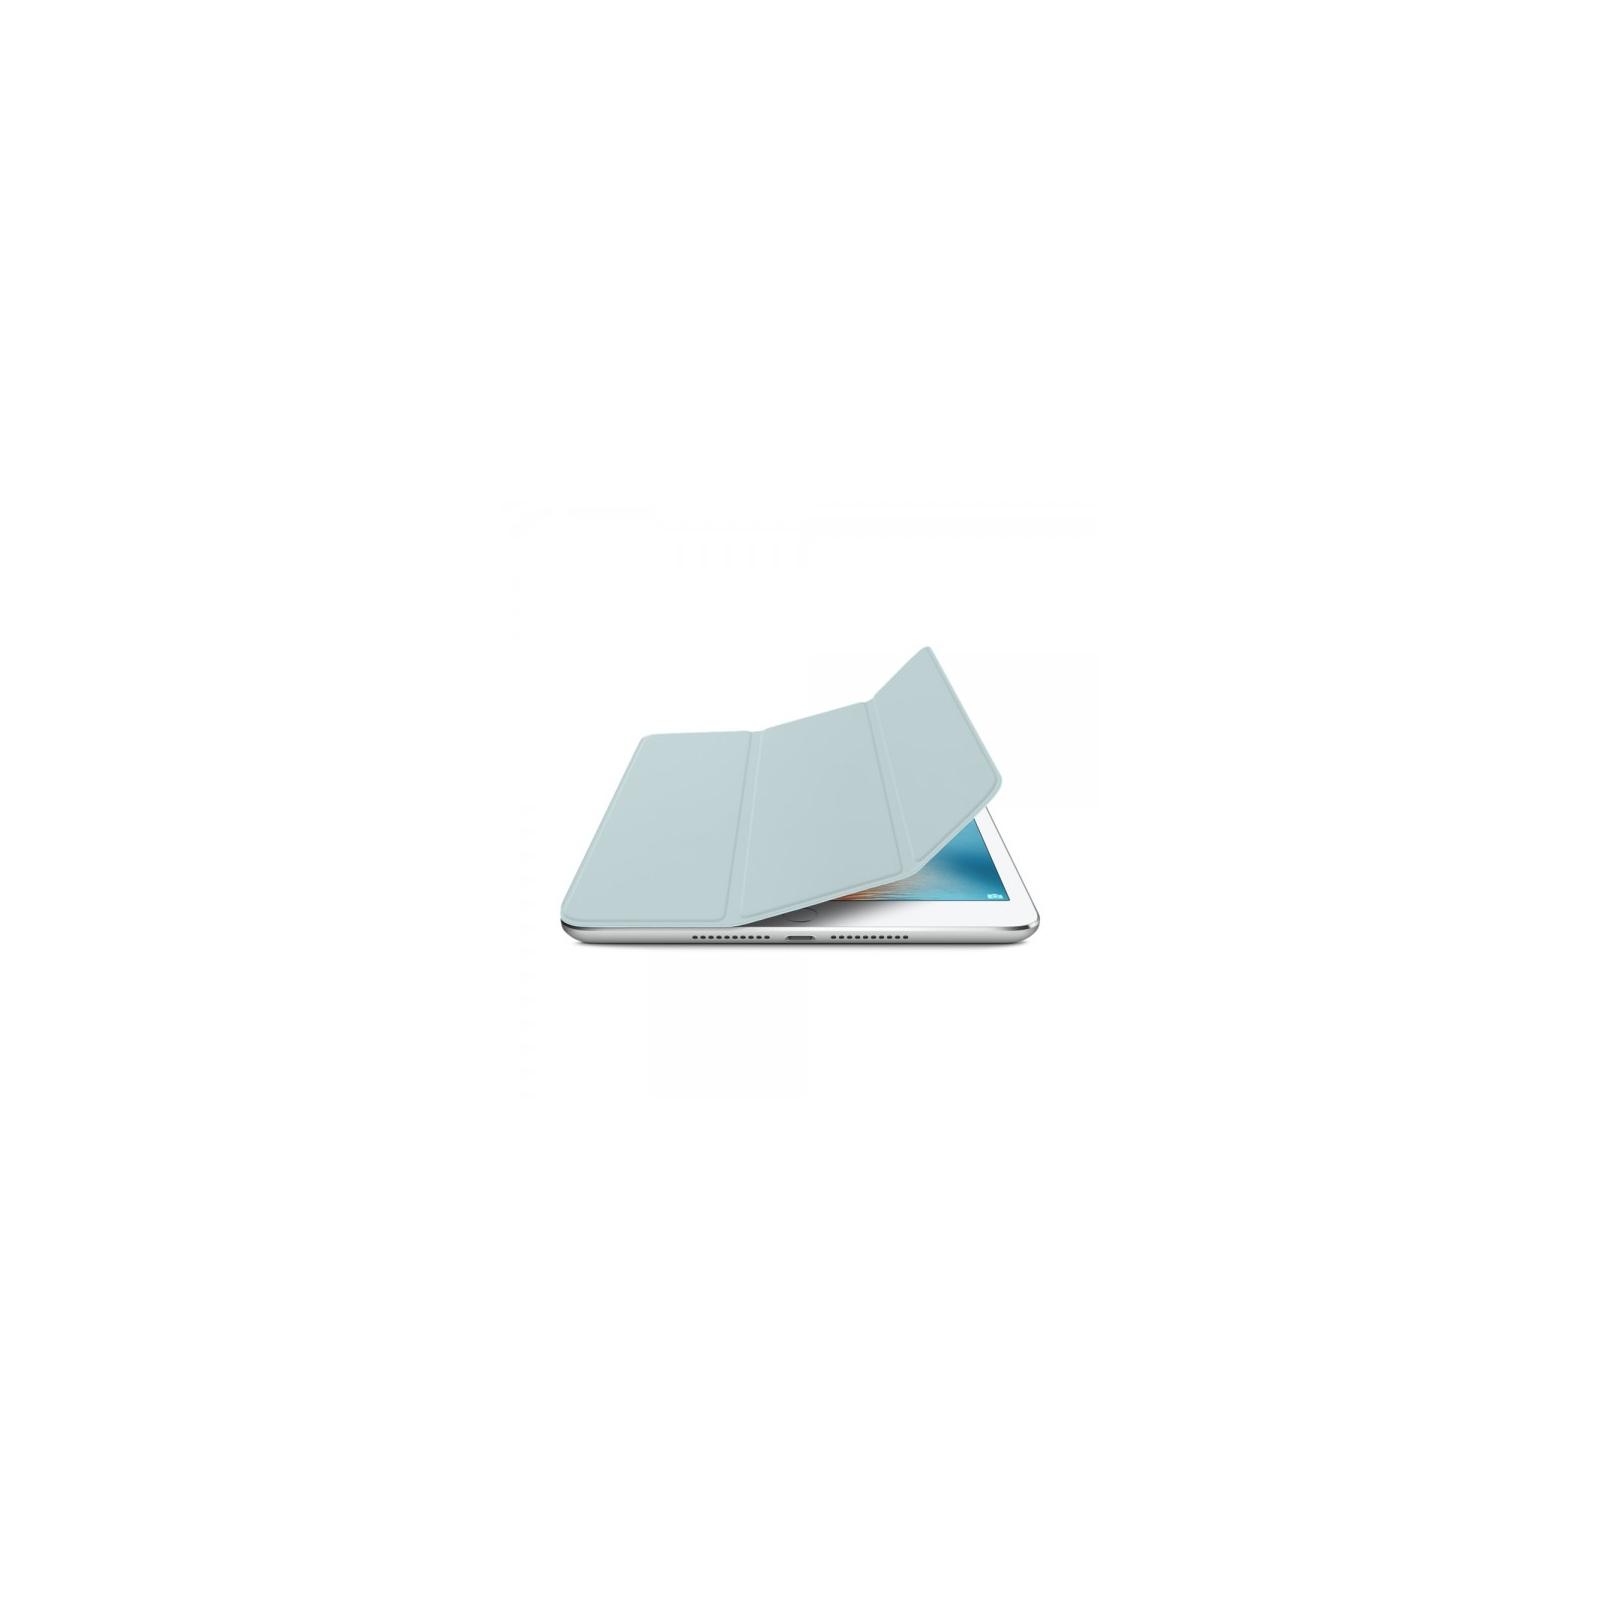 Чехол для планшета Apple Smart Cover для iPad mini 4 Turquoise (MKM52ZM/A) изображение 2